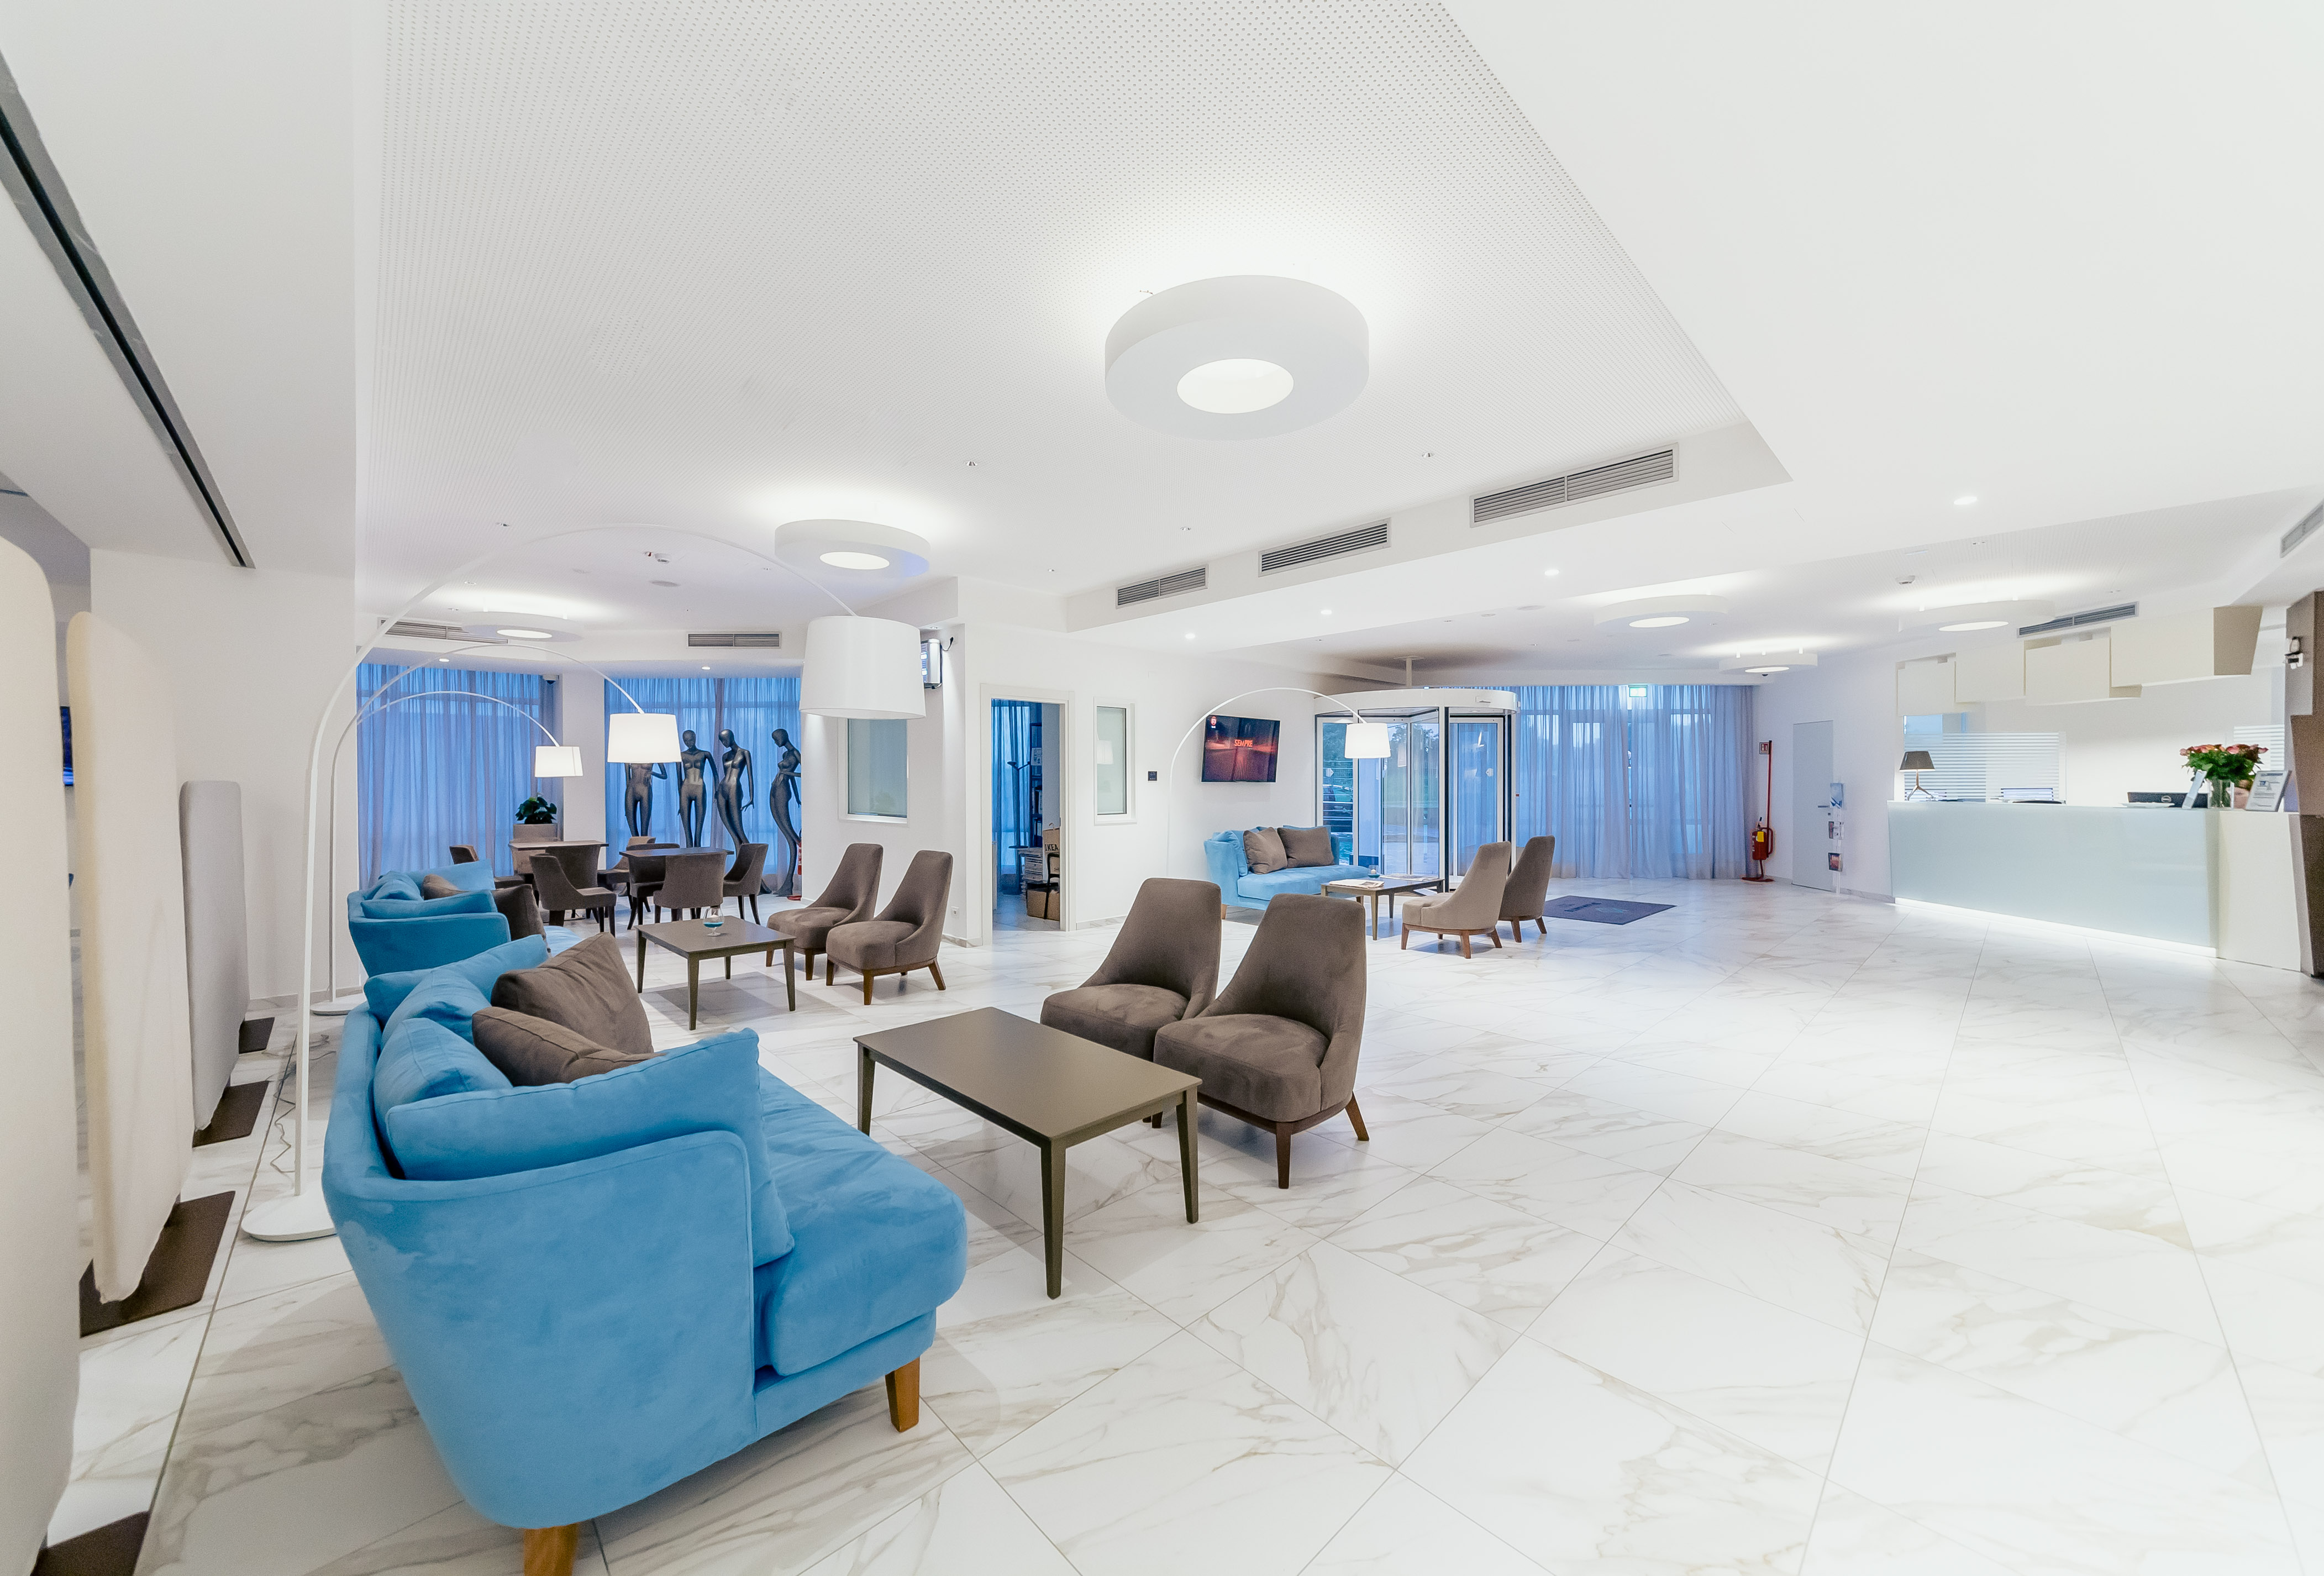 Il soggiorno è da film al nuovo Hotel Diamante di Venaria - Hotel Domani